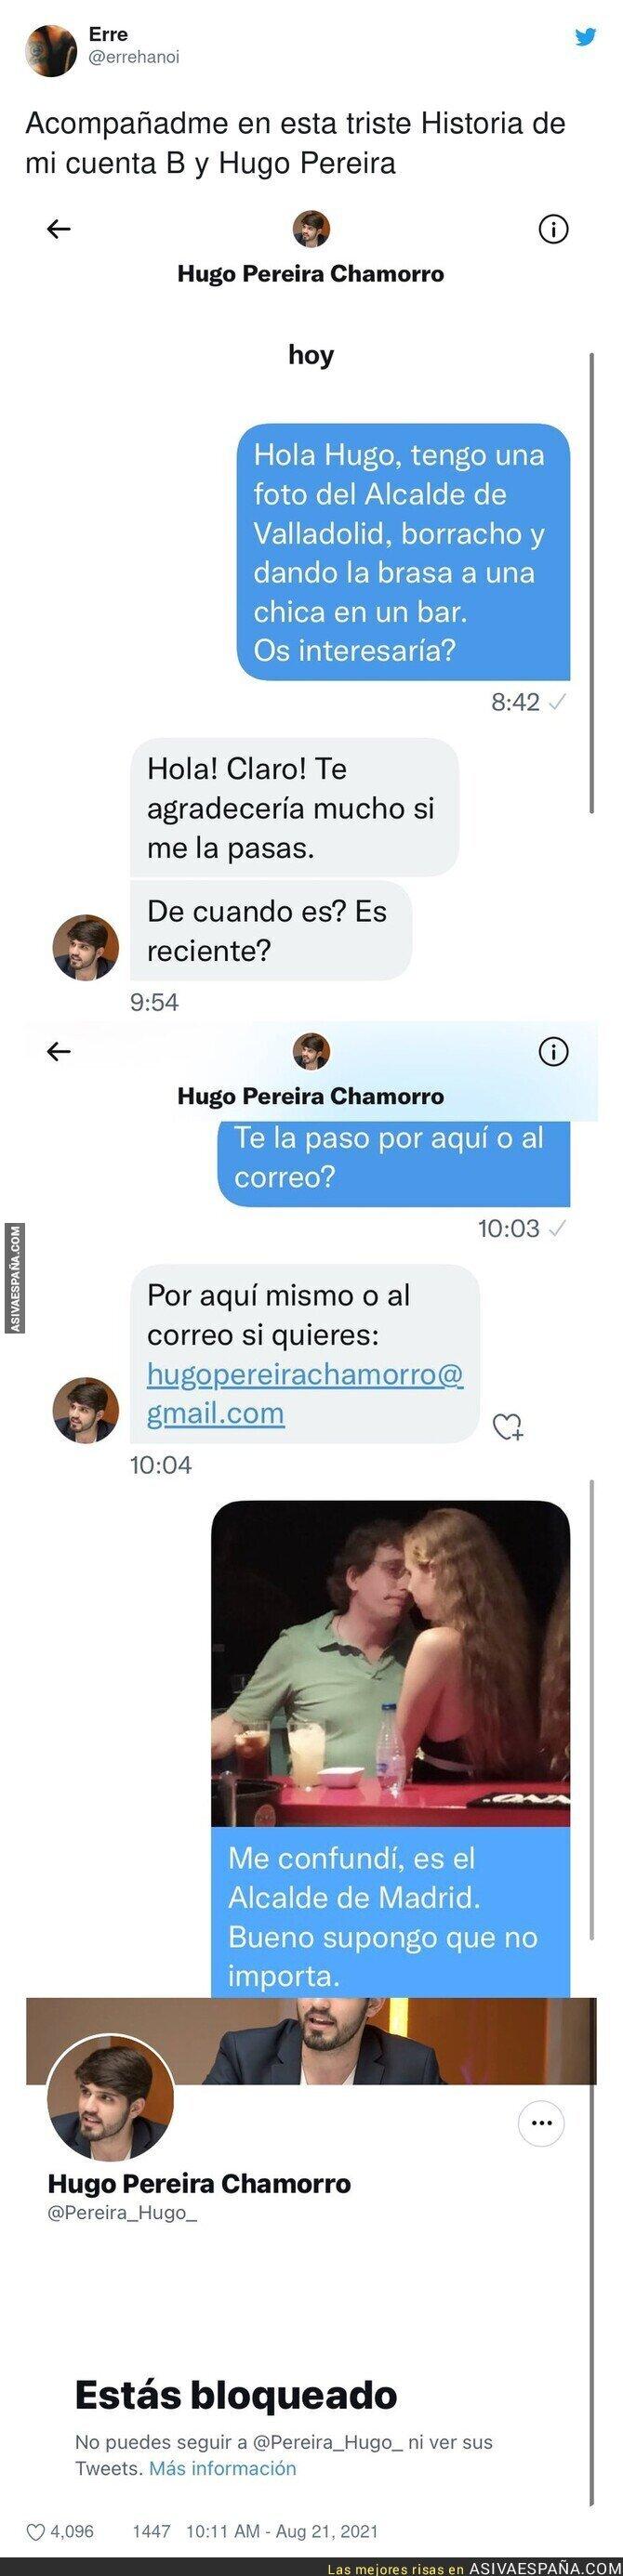 881248 - Así han troleado a Hugo Pereira mandándole la foto de José Luis Martínez Almeida intentando ligar con una jovencita en un bar